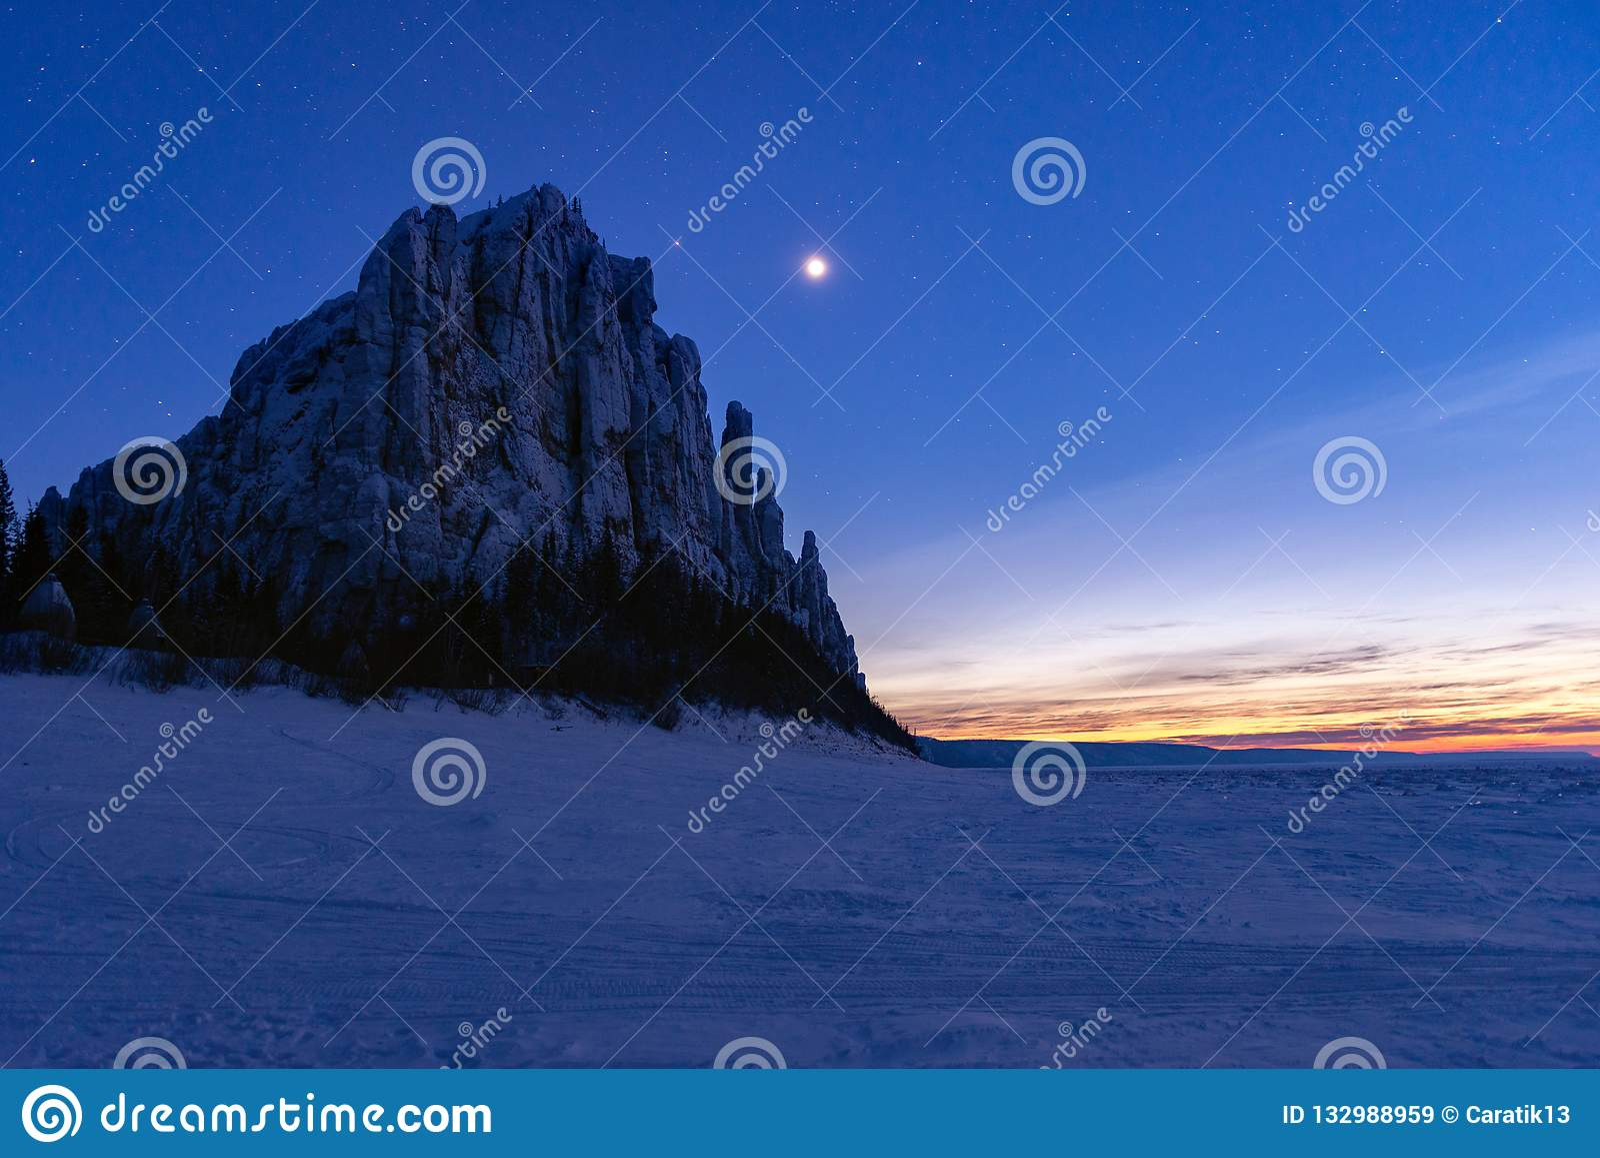 Nuit d étoile sur le fleuve Lena en parc naturel Lenskie Stolby Lena Pillars